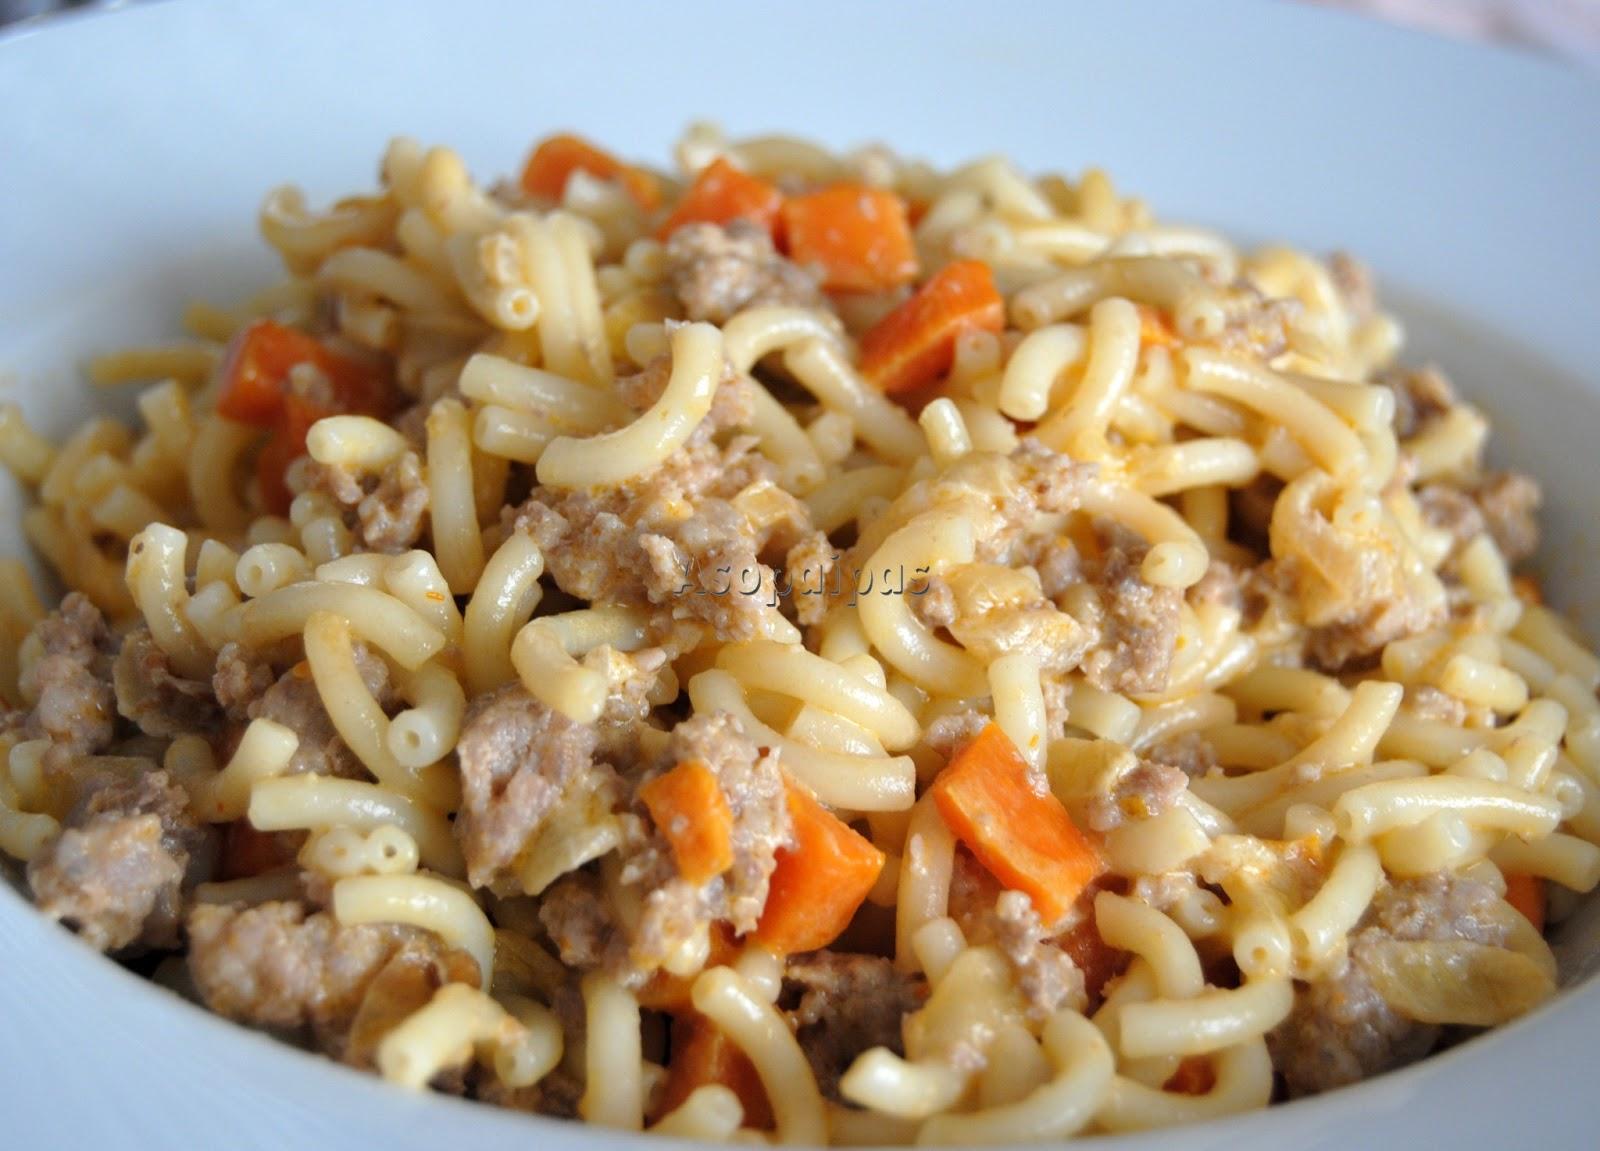 Gramigna emiliana receta asopaipas recetas de cocina for Recetas cocina casera